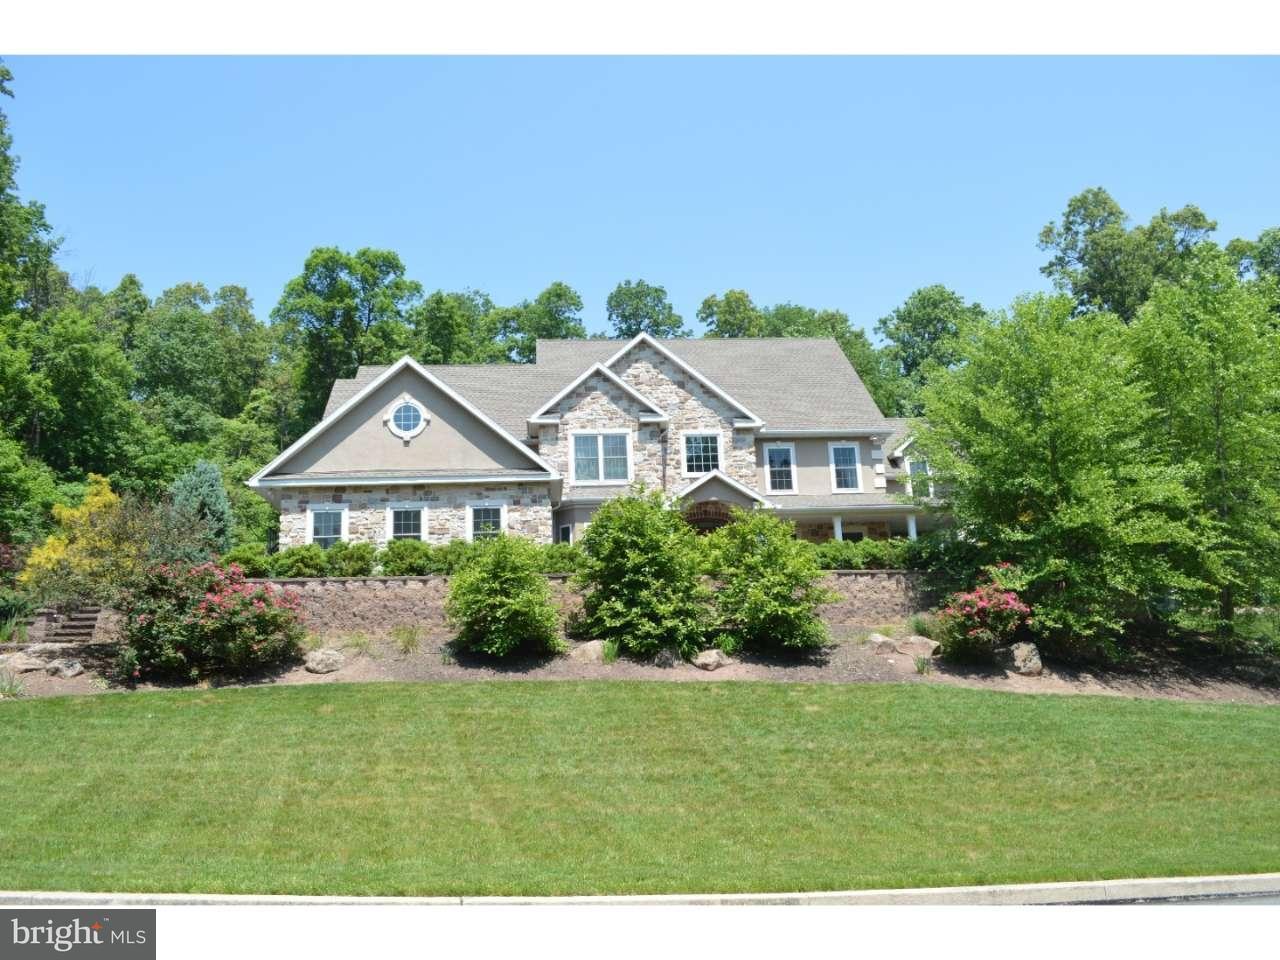 Частный односемейный дом для того Продажа на 2 BURGANDY Drive Mohnton, Пенсильвания 19540 Соединенные Штаты